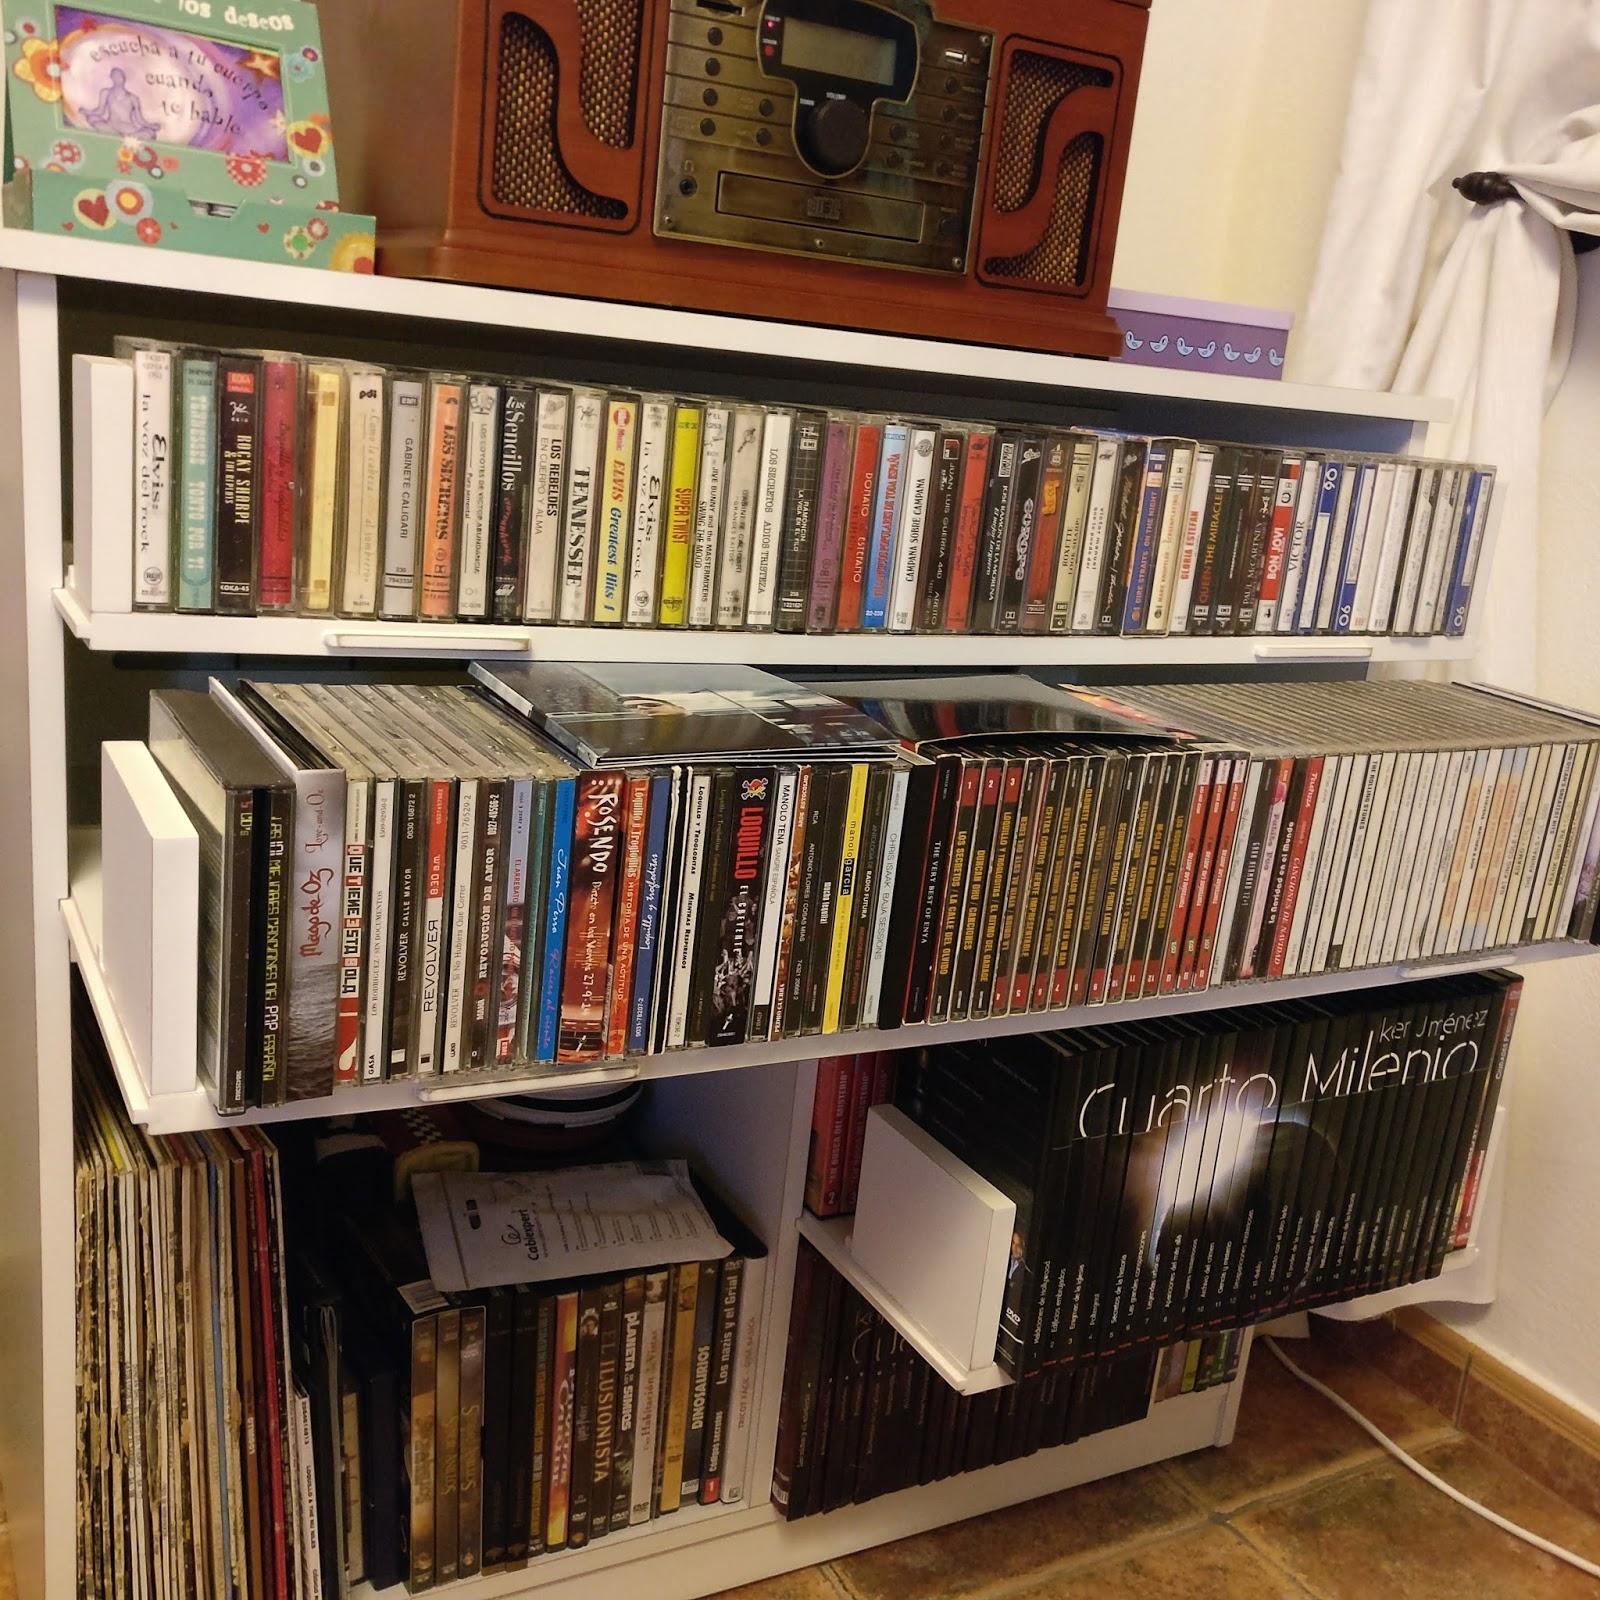 El rincon del mueble mueble para vinilos cd cassete y dvd for Vinilos para muebles